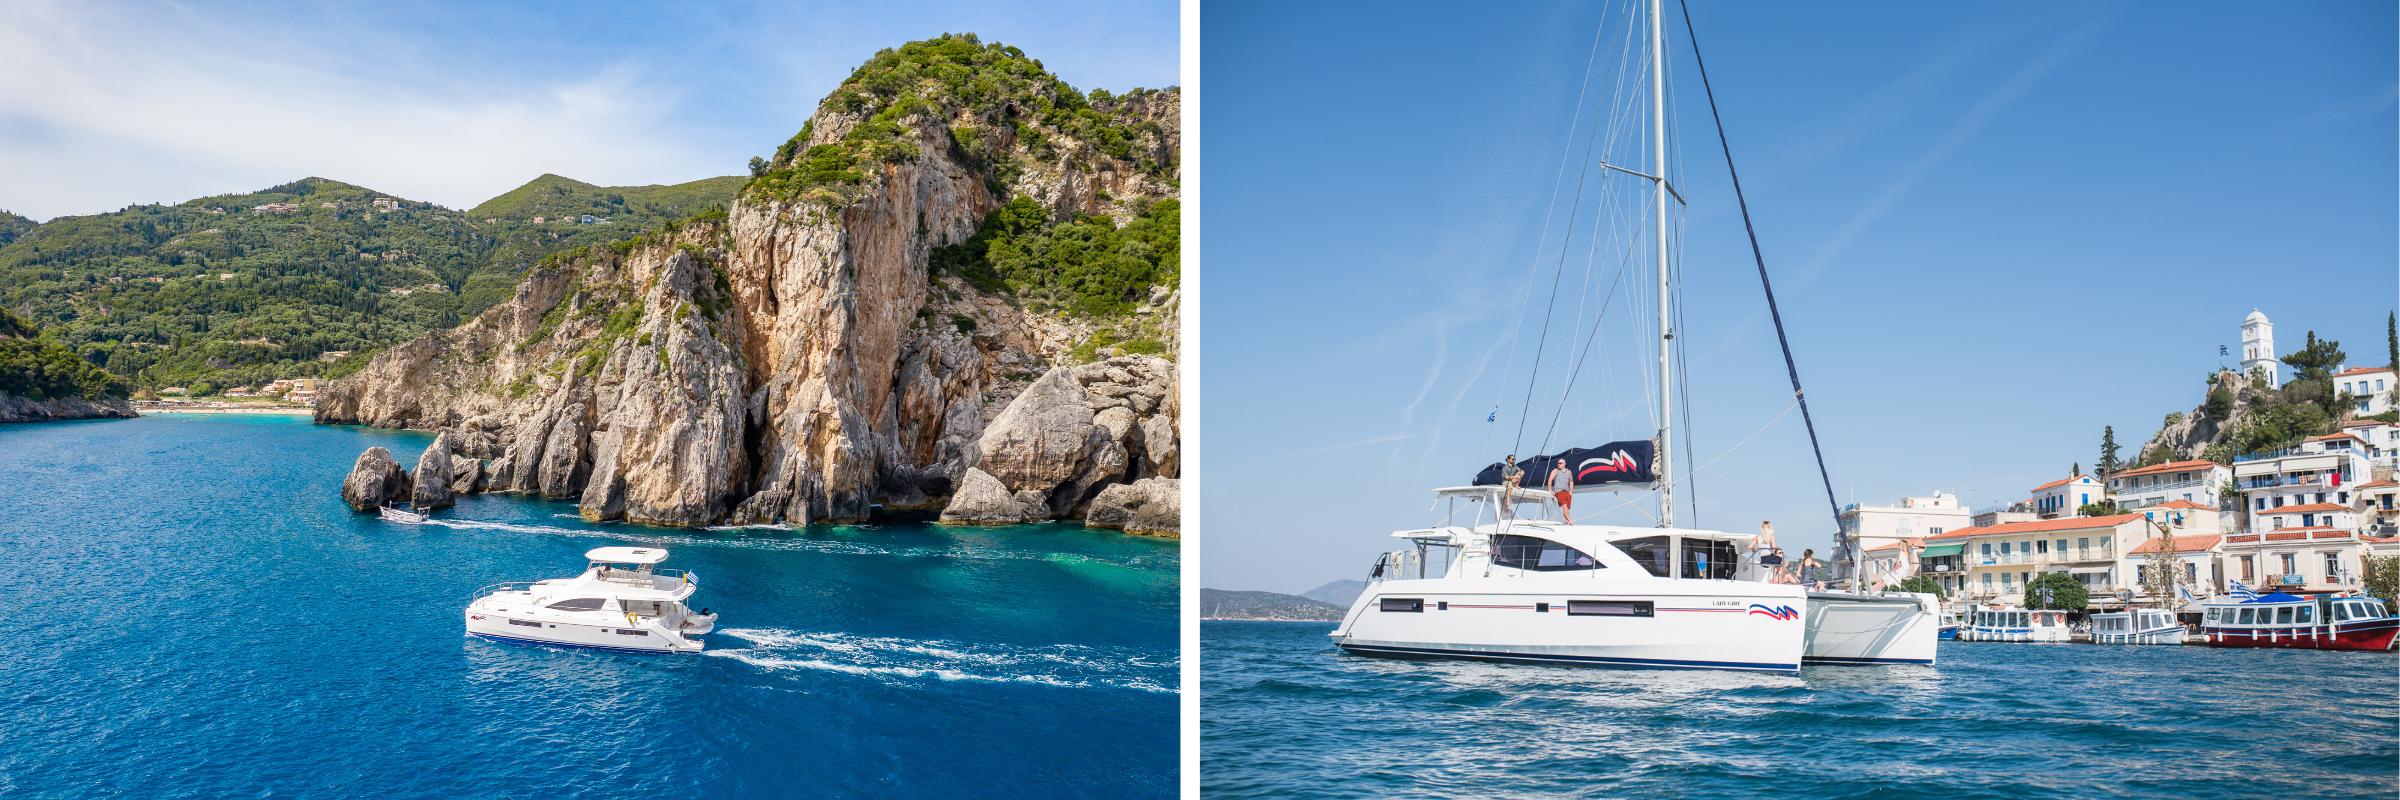 Die schönsten Inseln im Mittelmeer per Yacht erkunden